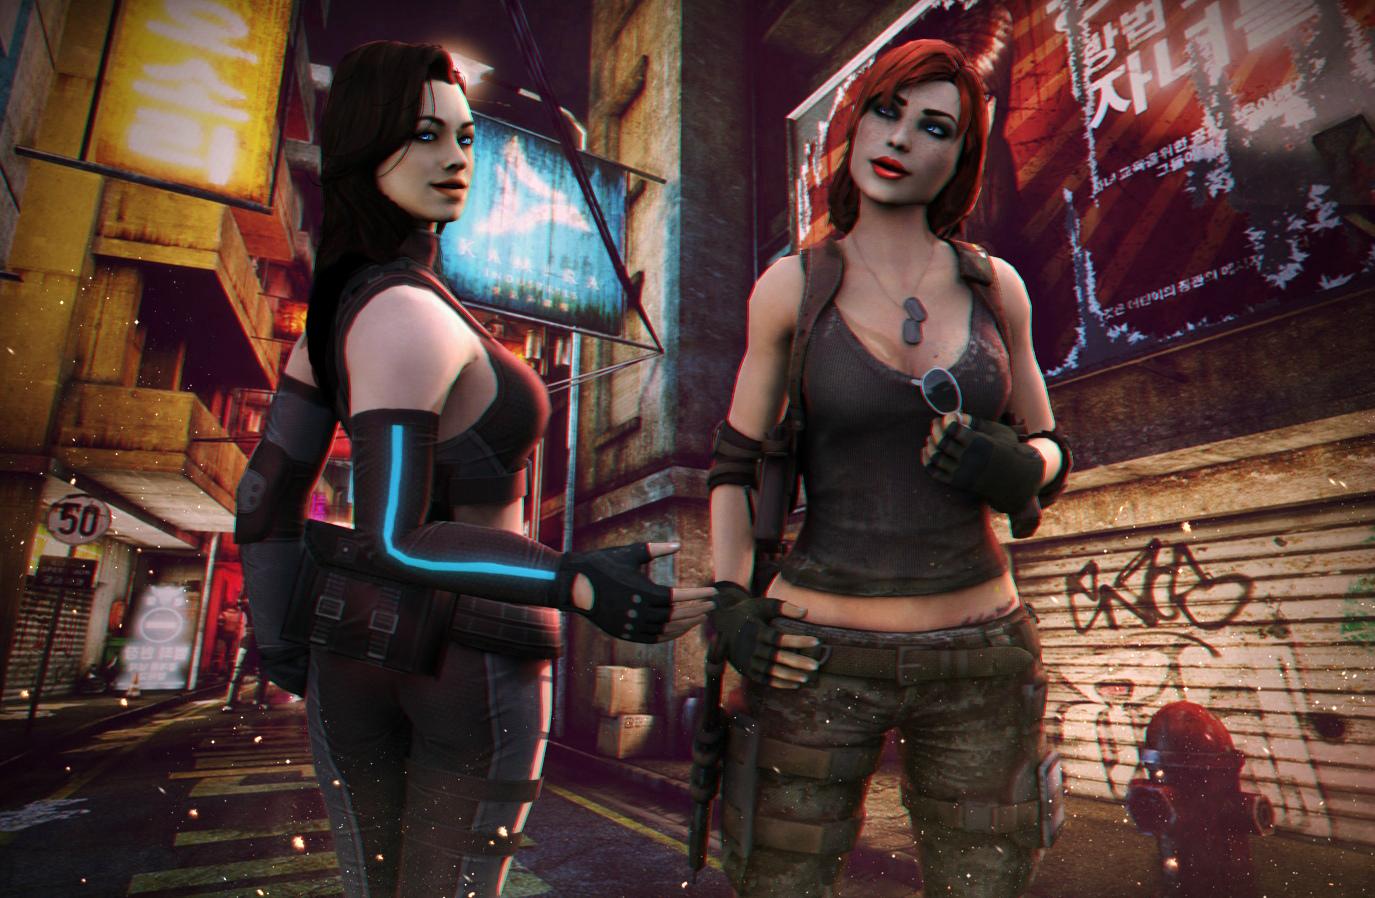 Миранда и Шепард - Mass Effect 3 mass effect 3 миранда, mass effect 3 шепард женщина